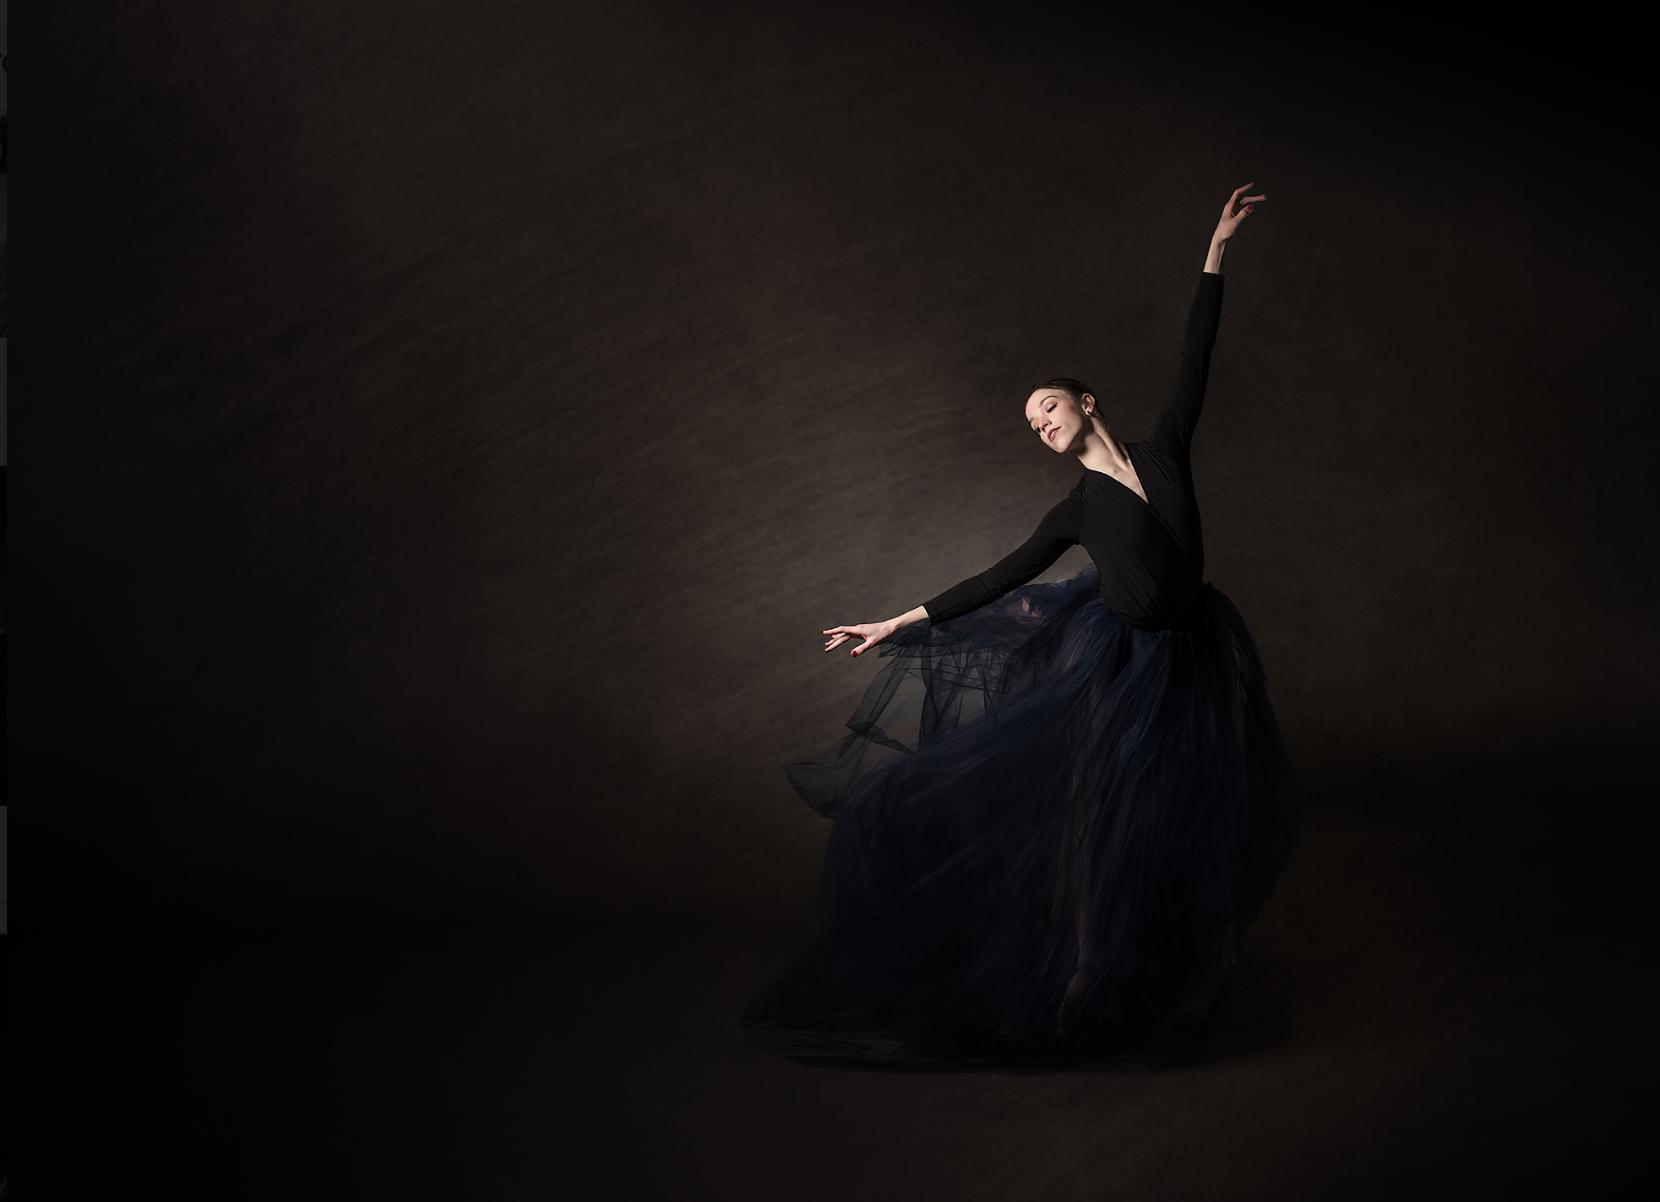 woman-black-dress-dancing-kate-luber-50mm-lens